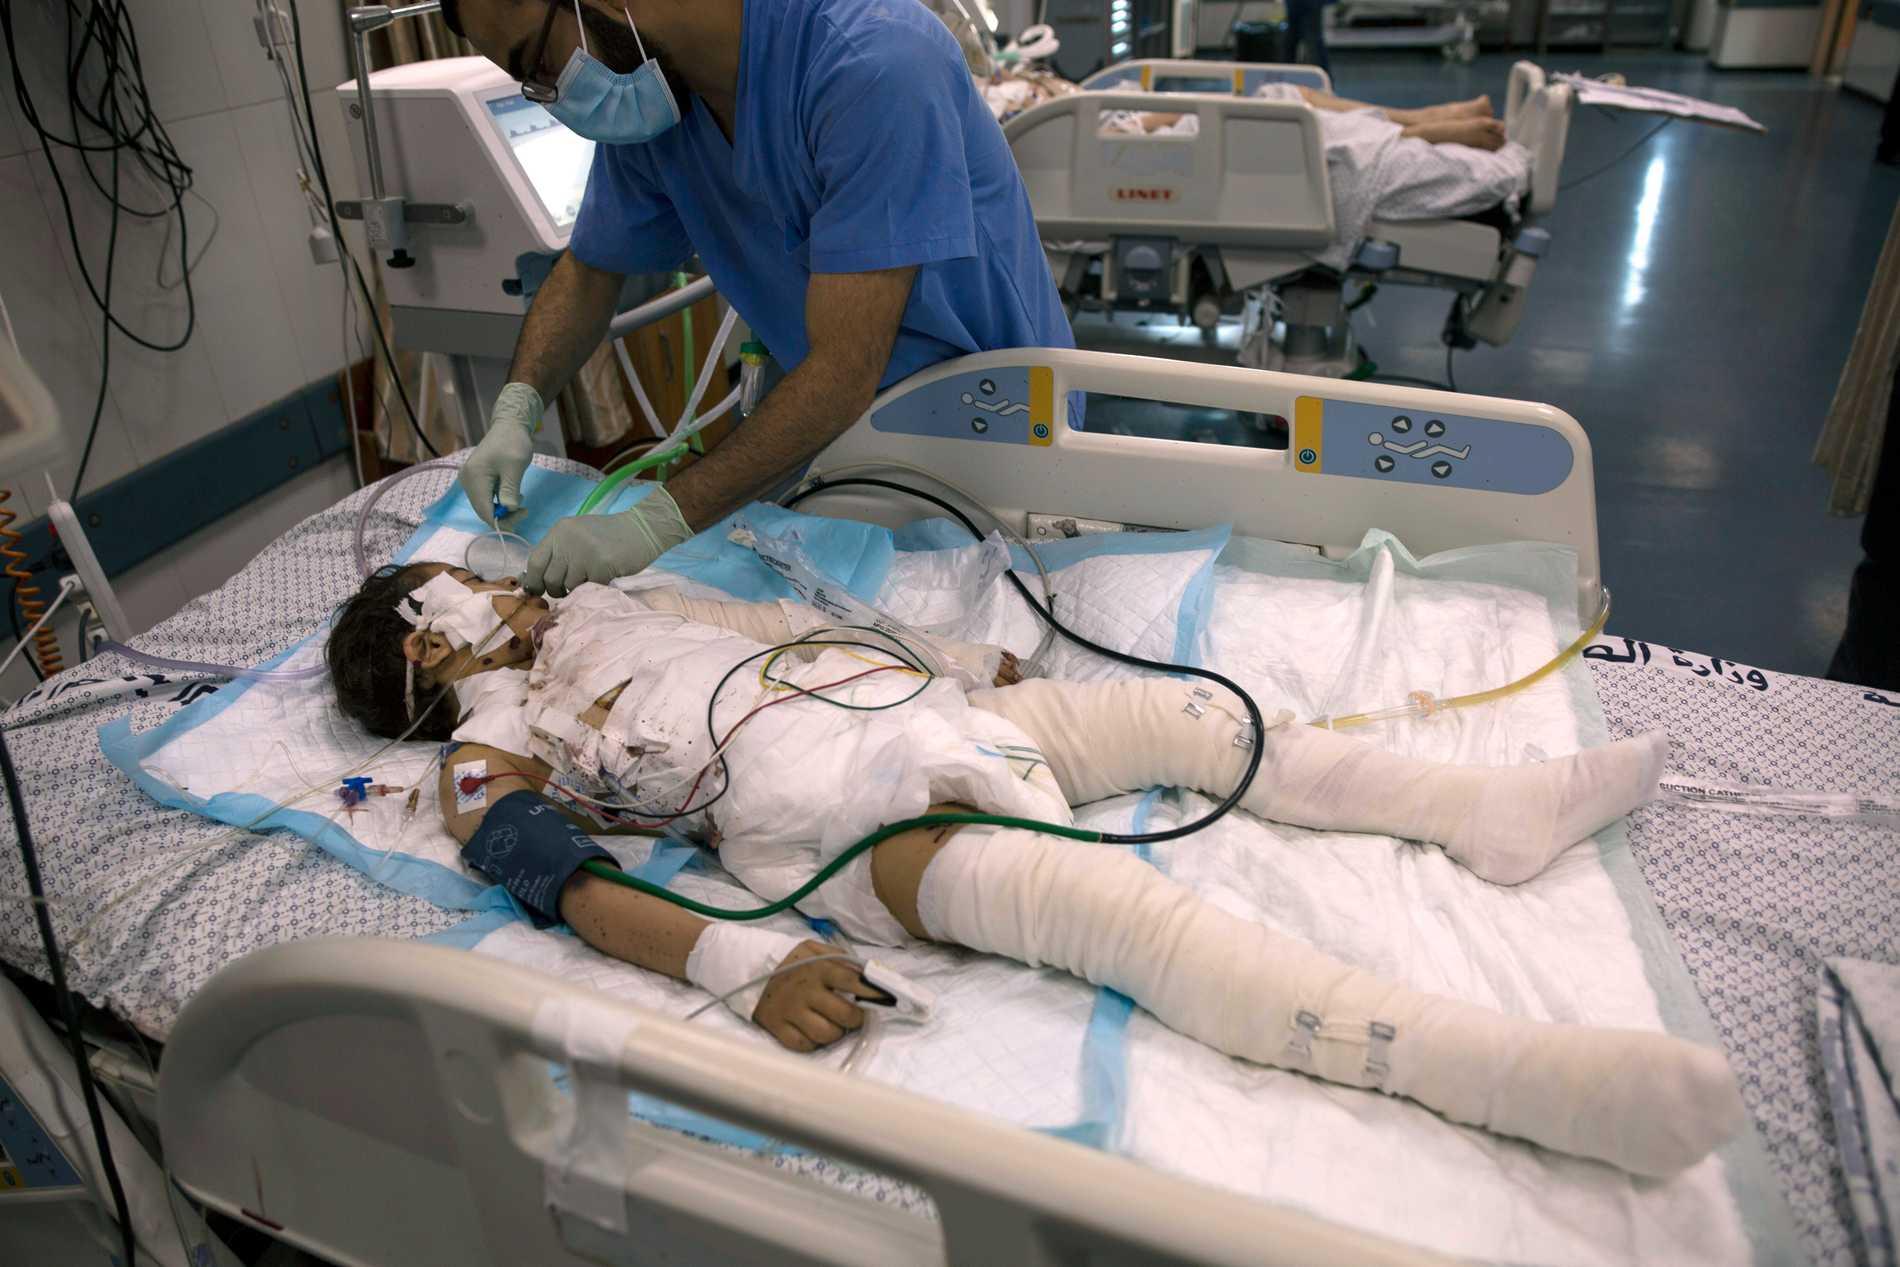 Palestisnk sjukvårdspersonal  tar han om en skadad flicka på Shifa hospital i Gaza City. Hon skadades i en attack mot familjens hus.